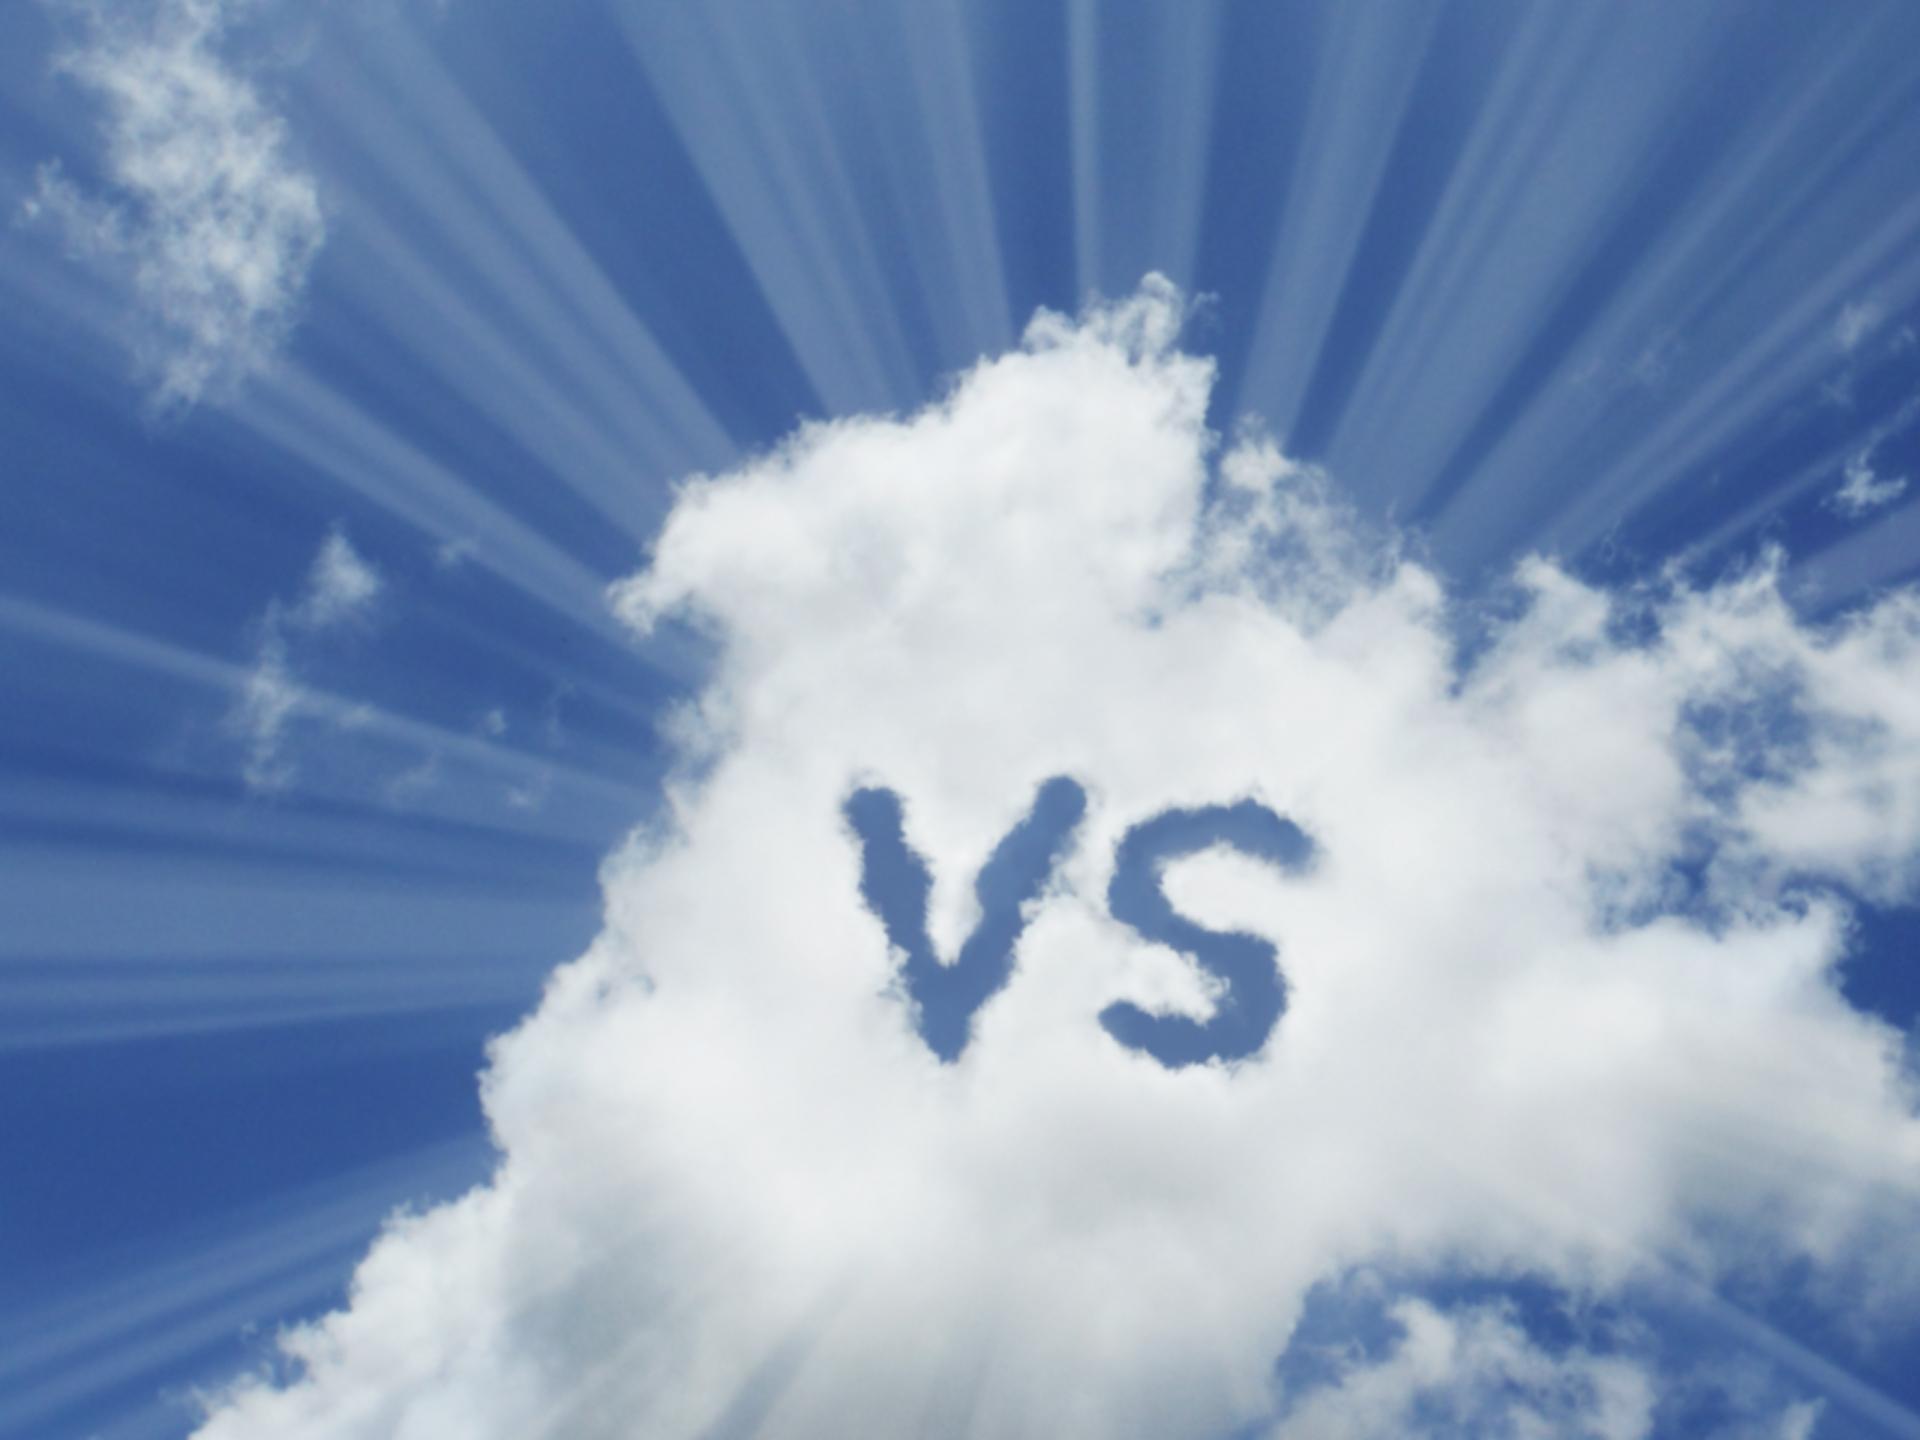 楽天などのモールと自社ECサイトの出店はどちらからがいい?(2) 商品ジャンルによる選び方